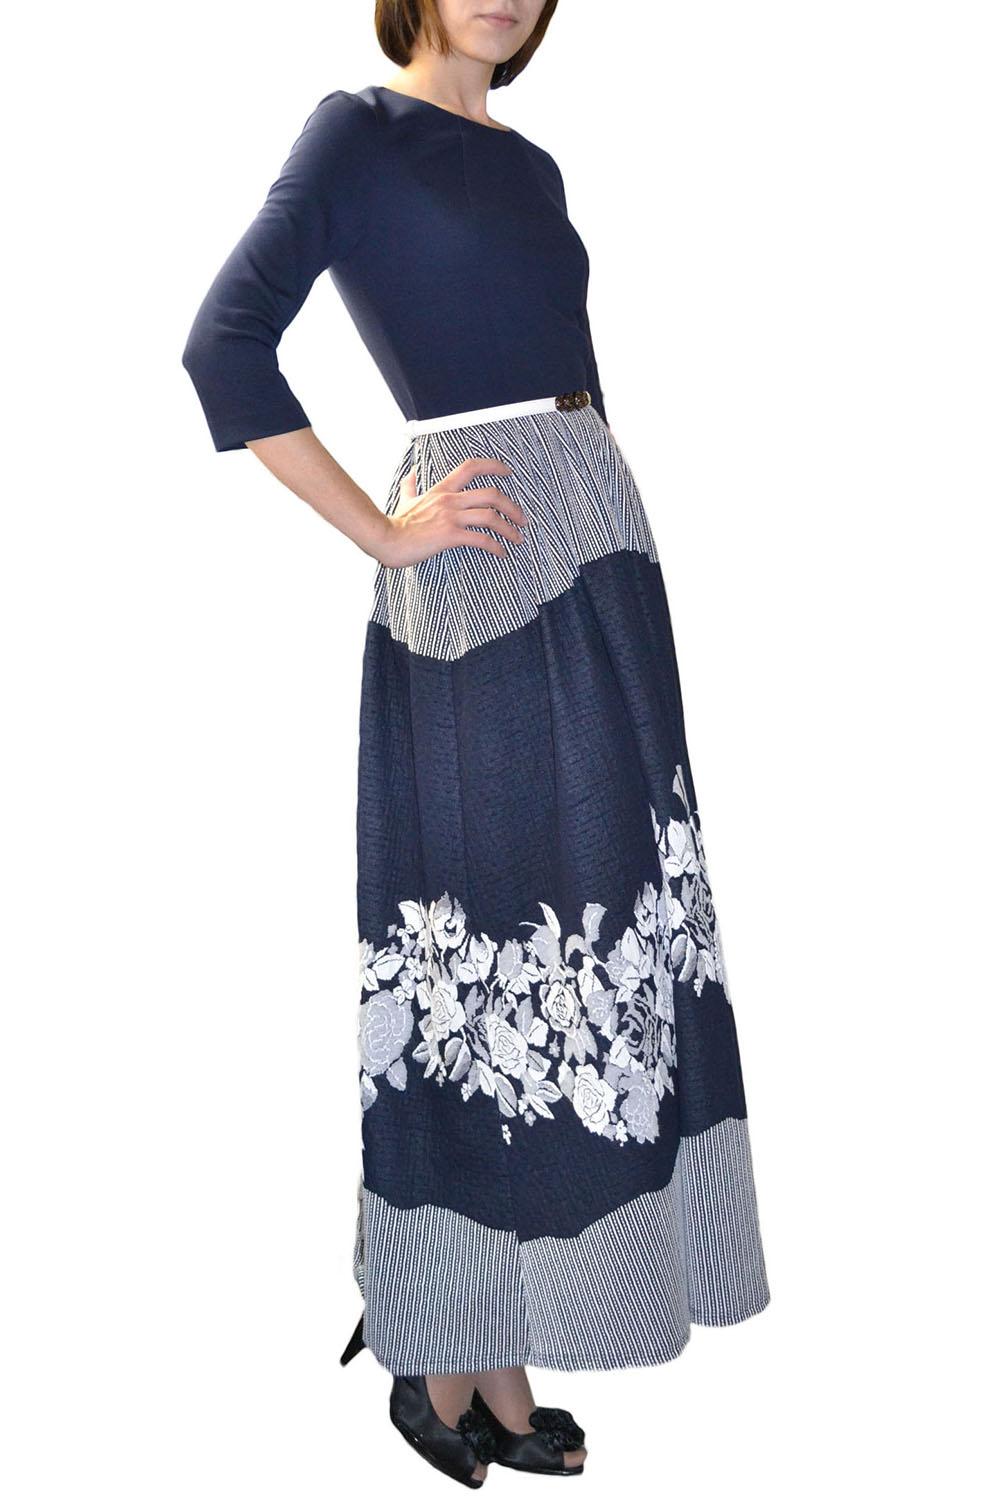 ПлатьеПлатья<br>Великолепное темно-синее платье в пол с широкой юбкой, имеющей эффектный цветочный рисунок — прекрасный выбор для праздничного вечера. Горловина обработана обтачкой, по спинке молния 50 см., рукав 3/4. Платье без пояса.  Цвет: синий, белый  Рост девушки-фотомодели 177 см.<br><br>Горловина: С- горловина<br>По длине: Макси<br>По материалу: Трикотаж,Хлопок<br>По образу: Город,Свидание<br>По рисунку: В полоску,Растительные мотивы,Цветные,Цветочные,С принтом<br>По силуэту: Полуприталенные<br>По стилю: Повседневный стиль<br>По форме: Платье - трапеция<br>Рукав: Рукав три четверти<br>По сезону: Осень,Весна<br>Размер : 42<br>Материал: Трикотаж<br>Количество в наличии: 1